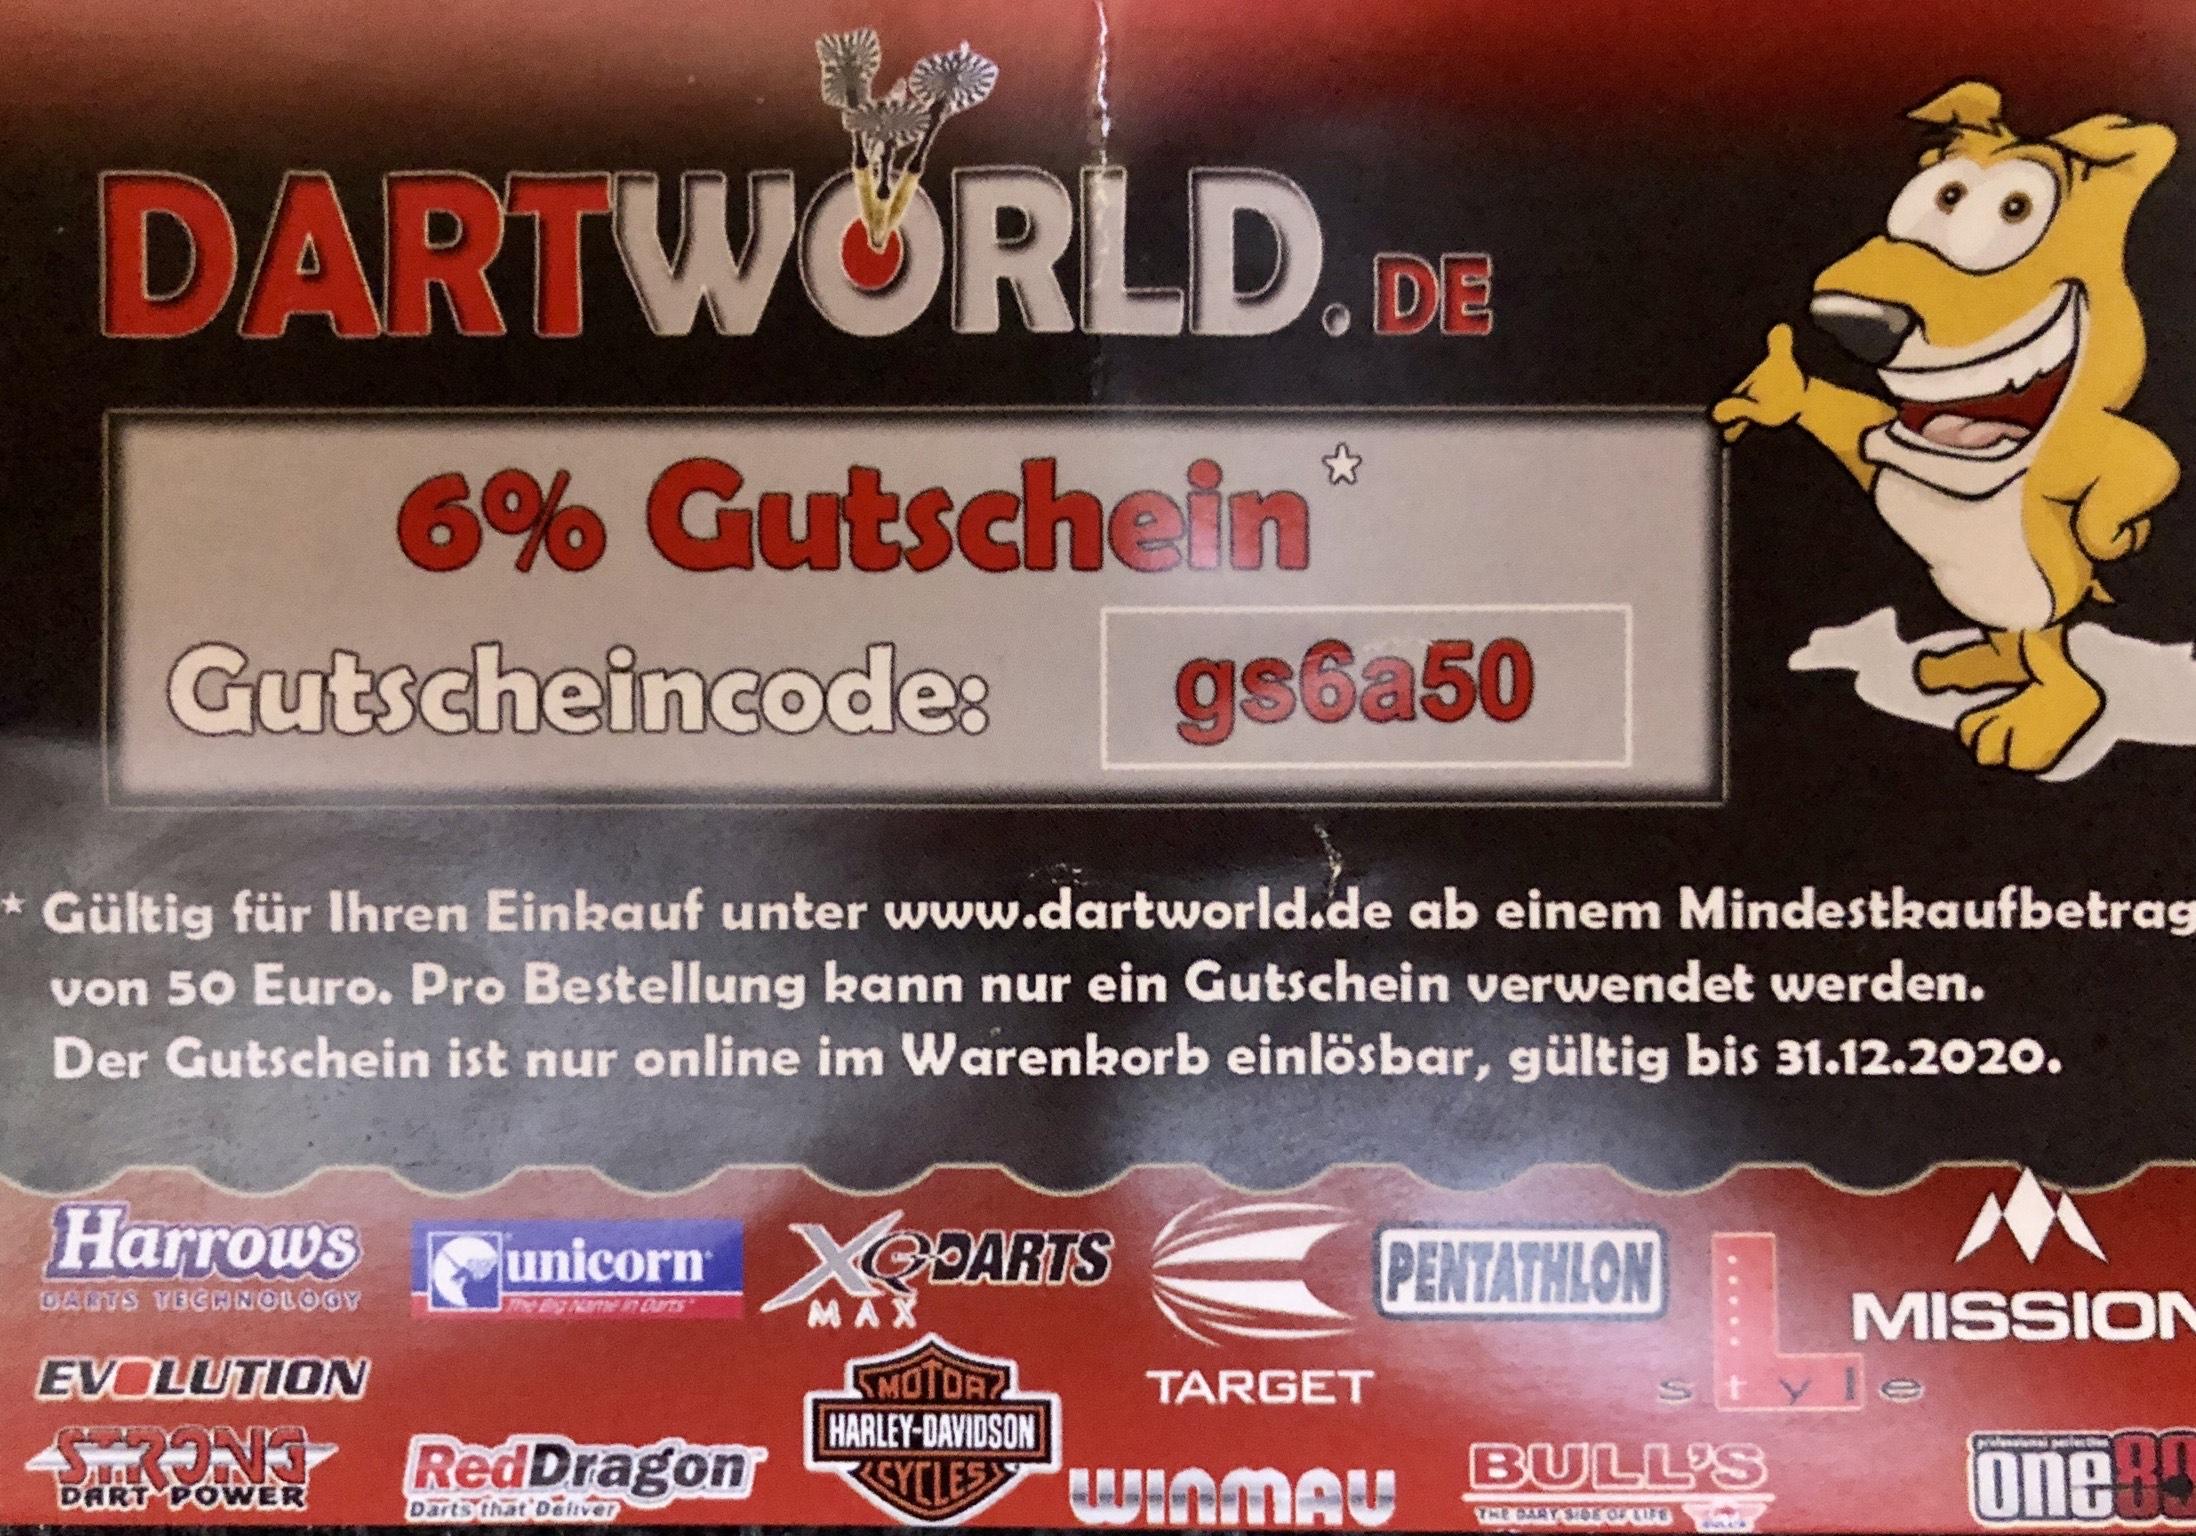 DARTWORLD GUTSCHEIN 6%